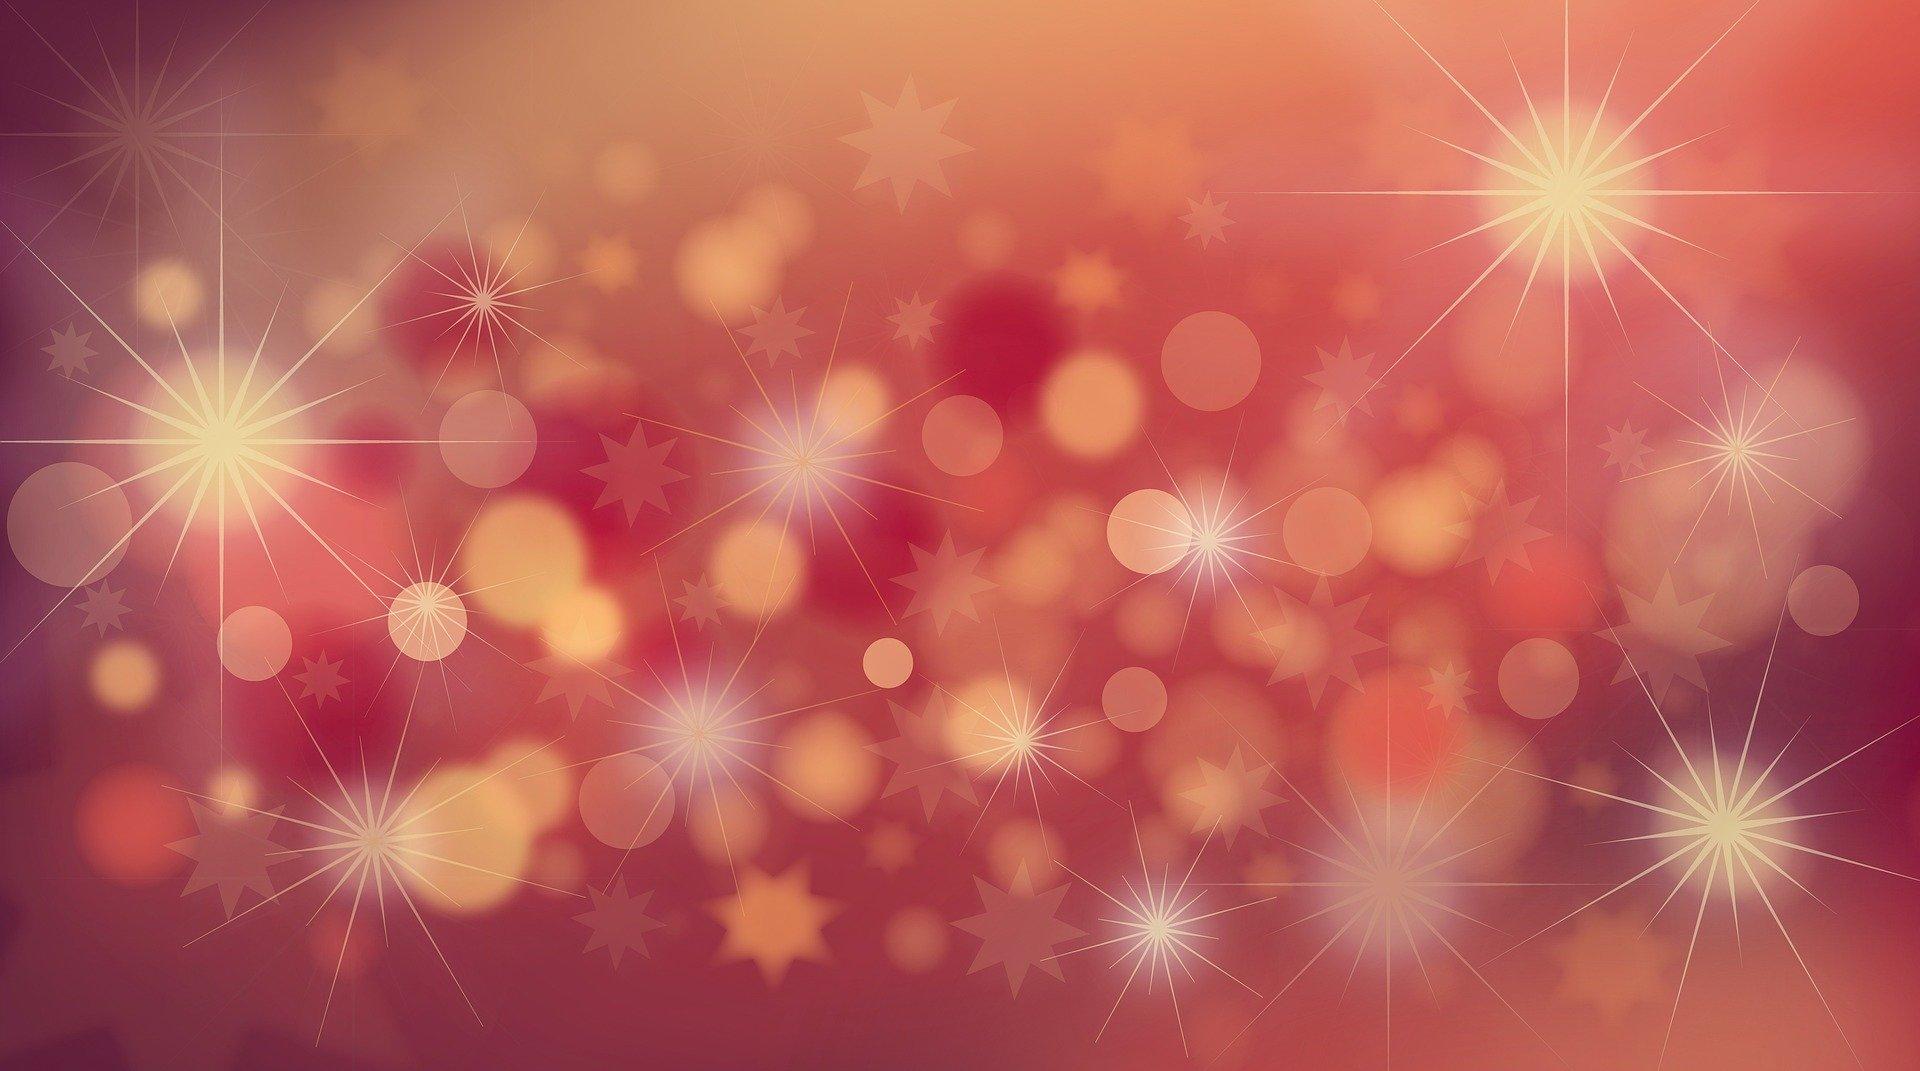 Marieke op het Strand, HSP, Den Haag, Marieke Verkerk, Intuïtie, cursus, Heel de natuur in jou, workshop, Van Hobbel naar H.I.P, hooggevoelig, luisterkind, luisterkind-afstemming, aarden, gronden, aardingsproducten, Earthing Nederland, kortingscode, alternatief advent vieren, HSP Challenge Maandje Minderen, Maya Inzichten spel, 2012 Inspiration cards, bijenvoedselbank, Pollinators, Corona, voor jezelf zorgen, healing garden, sprankel.